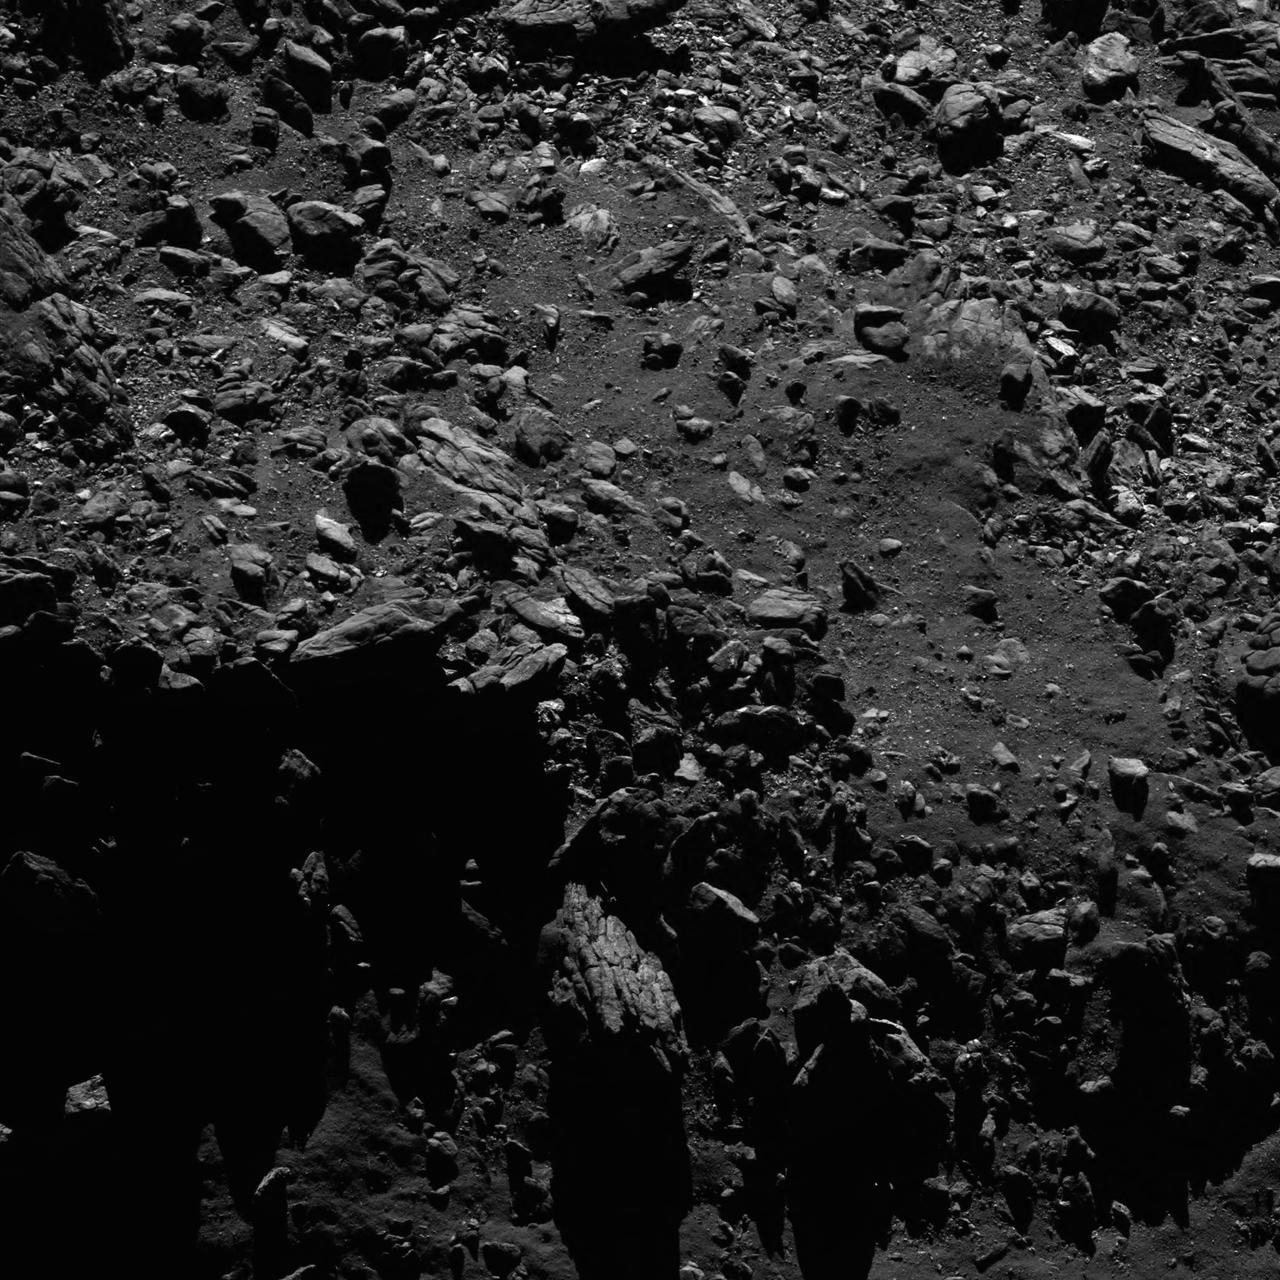 1567213884131-Rosetta_OSIRIS_NAC_20160902T204436_ID20F22_1280.jpg